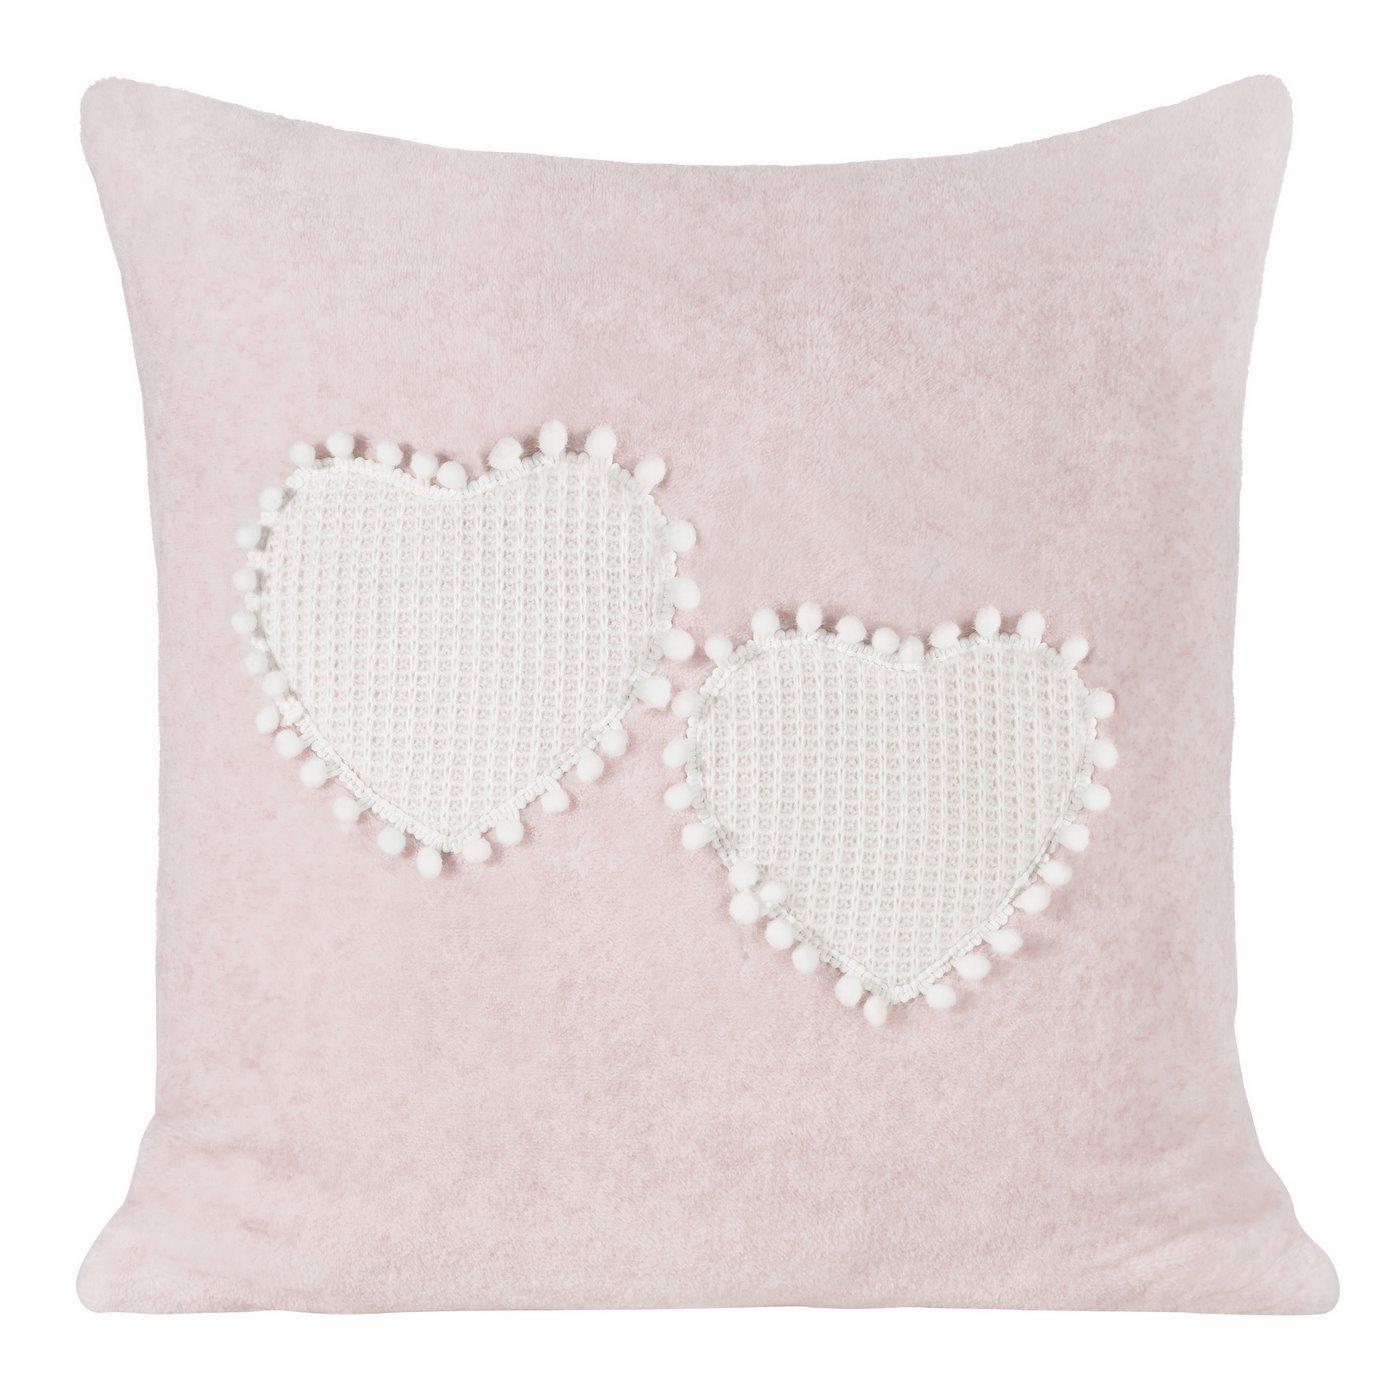 Romantyczna POSZEWKA OZDOBNA w serca z pomponami 45x45 cm